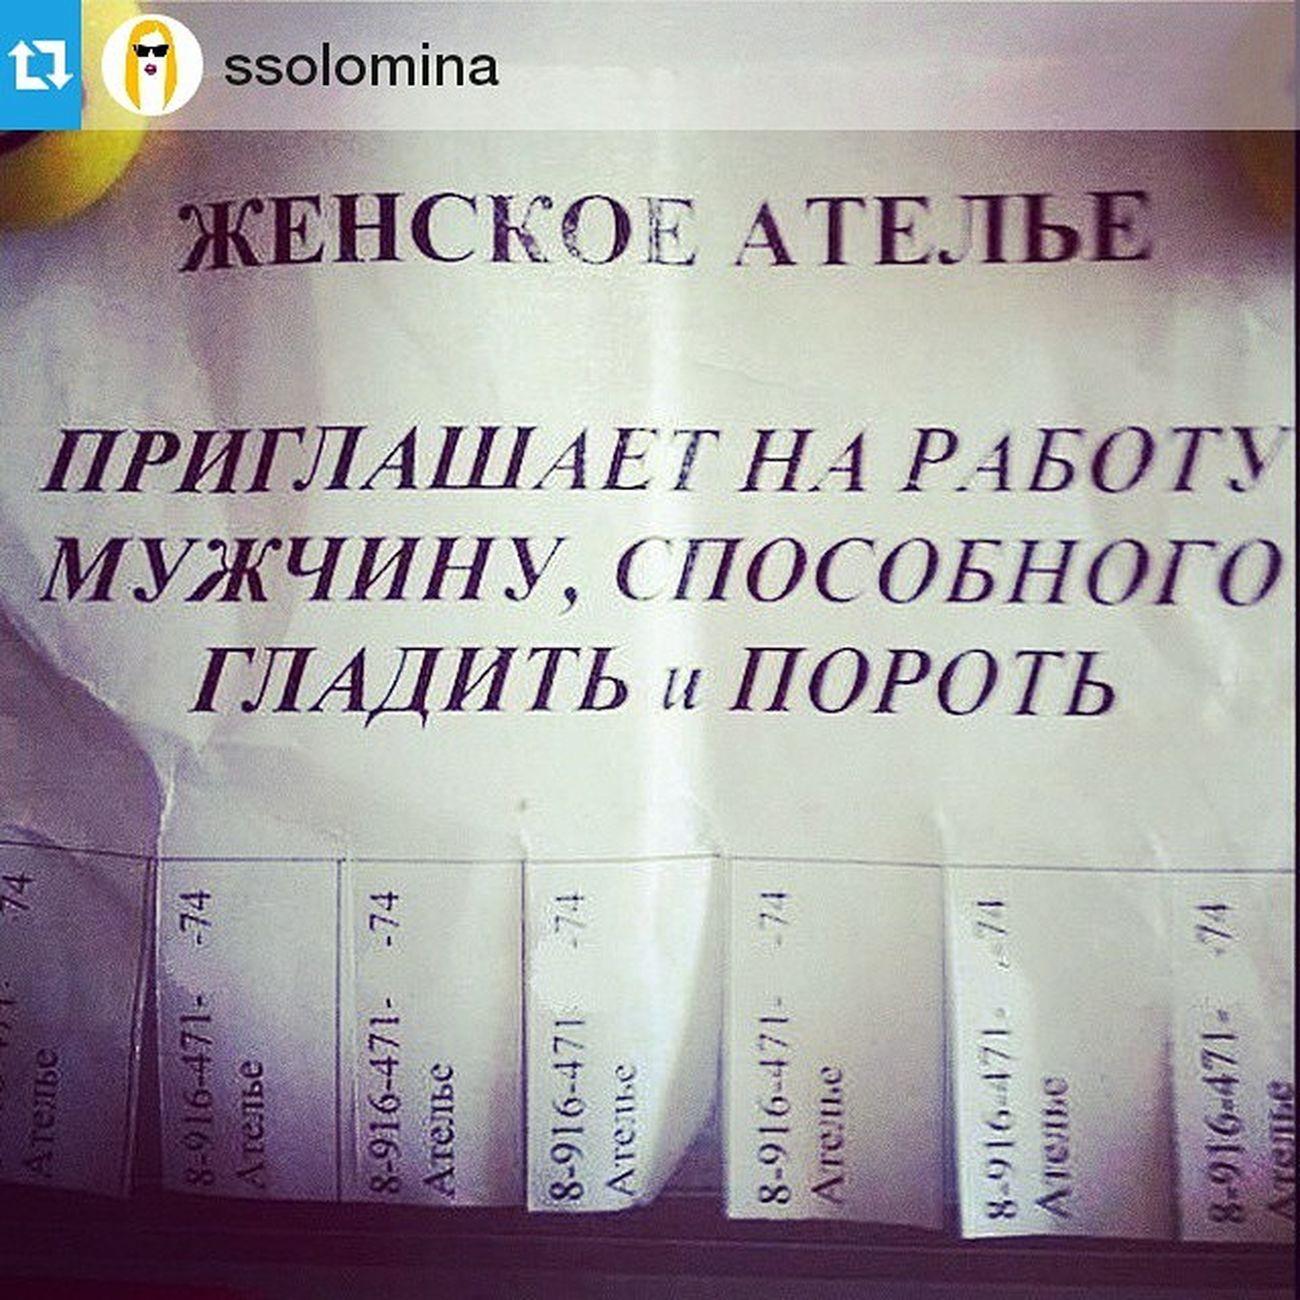 Repost @ssolomina ・・・В России уже ищут))того самого, который способен.・・・ 50оттенковсерого ????